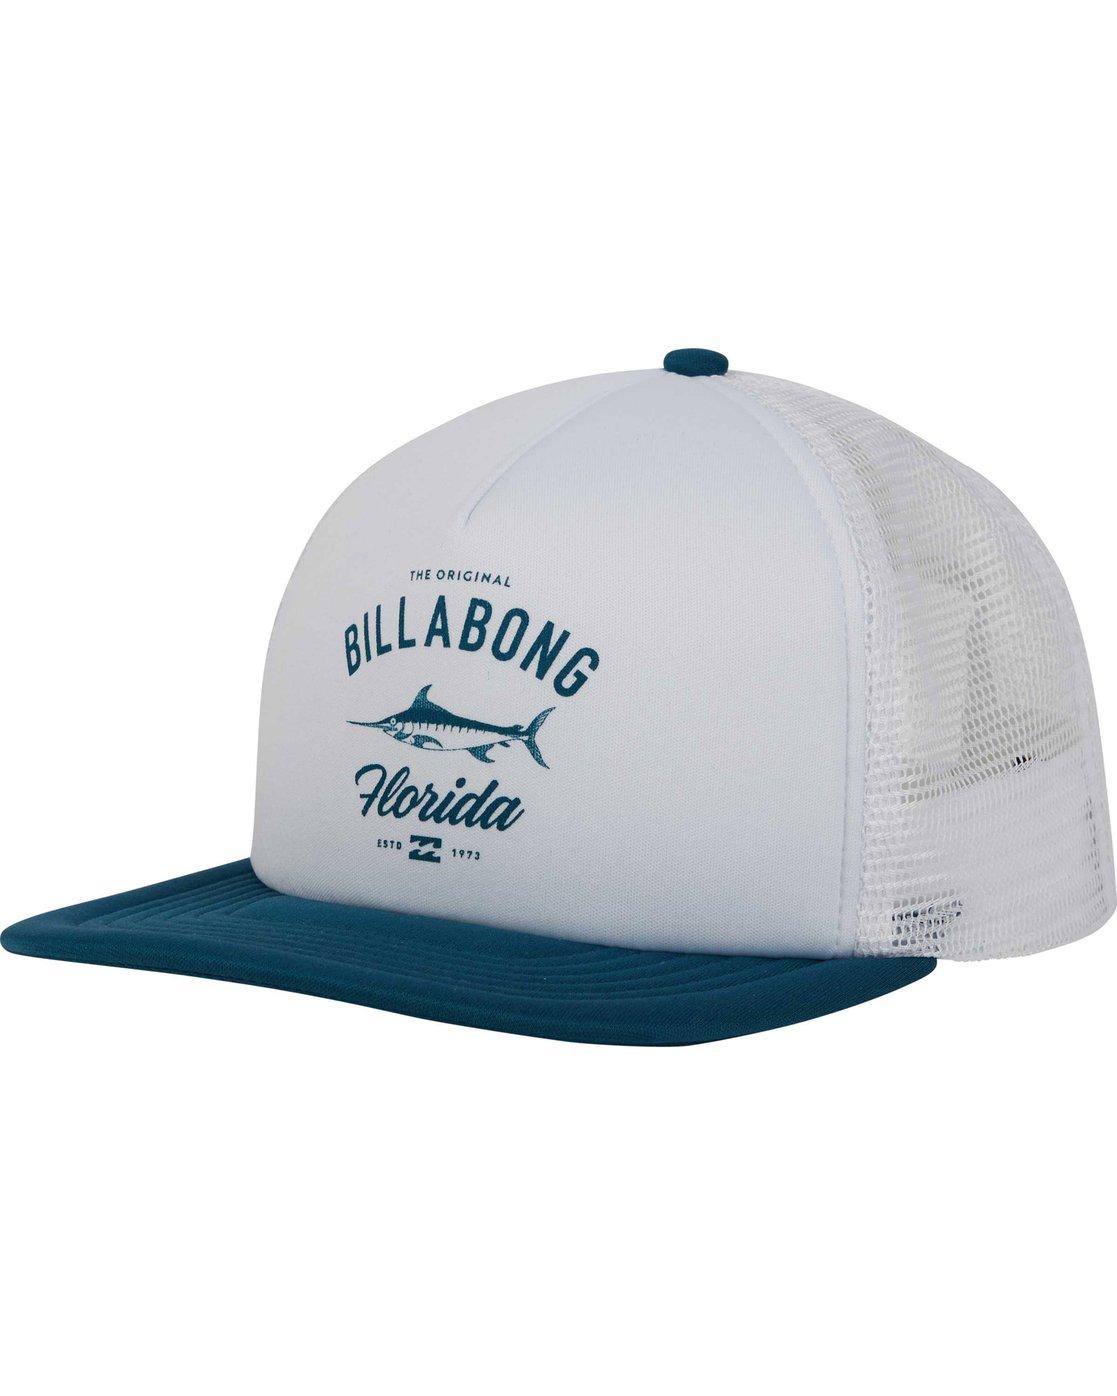 4ec15cf88dc 0 Florida Trucker Hat MAHWPBFL Billabong